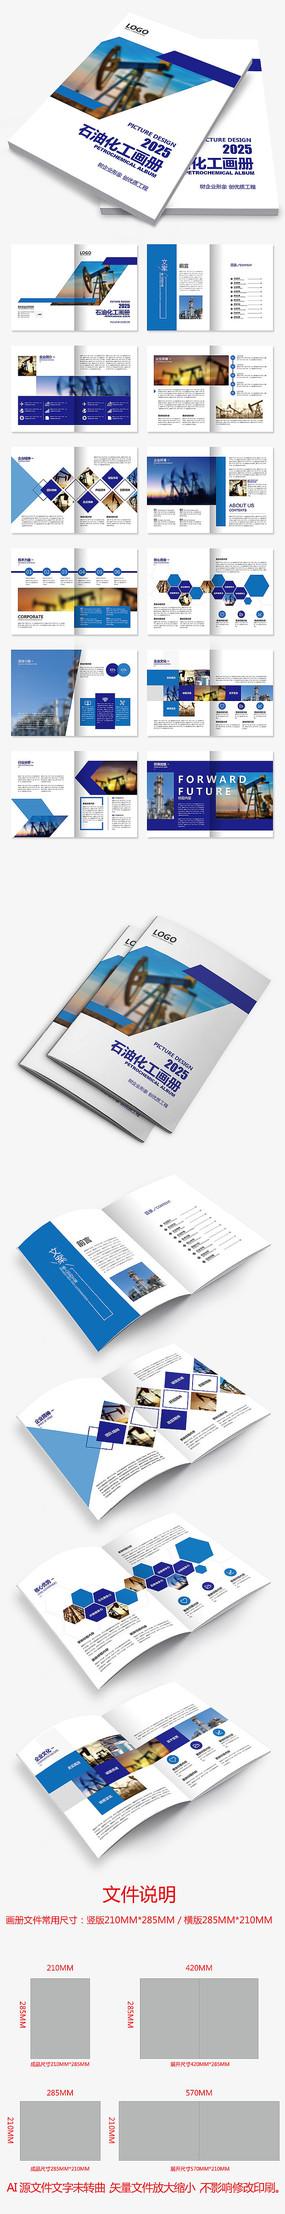 蓝色勘探能源科技探钻井中石油中石化画册